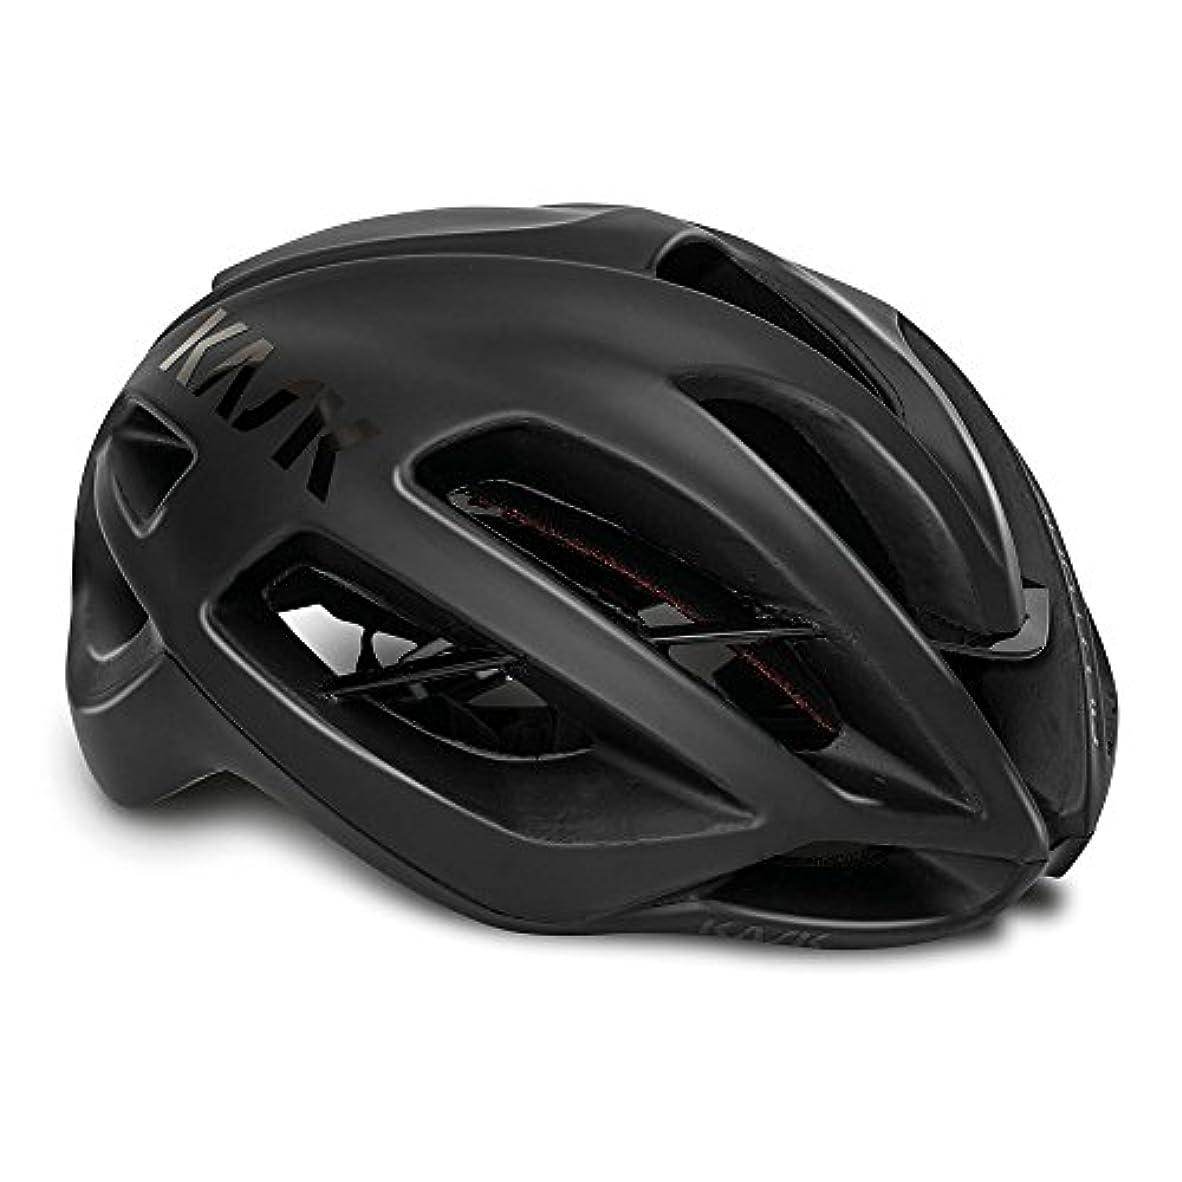 蒸気局排他的KASK(カスク) ヘルメット PROTONE BLK MATT S 1個